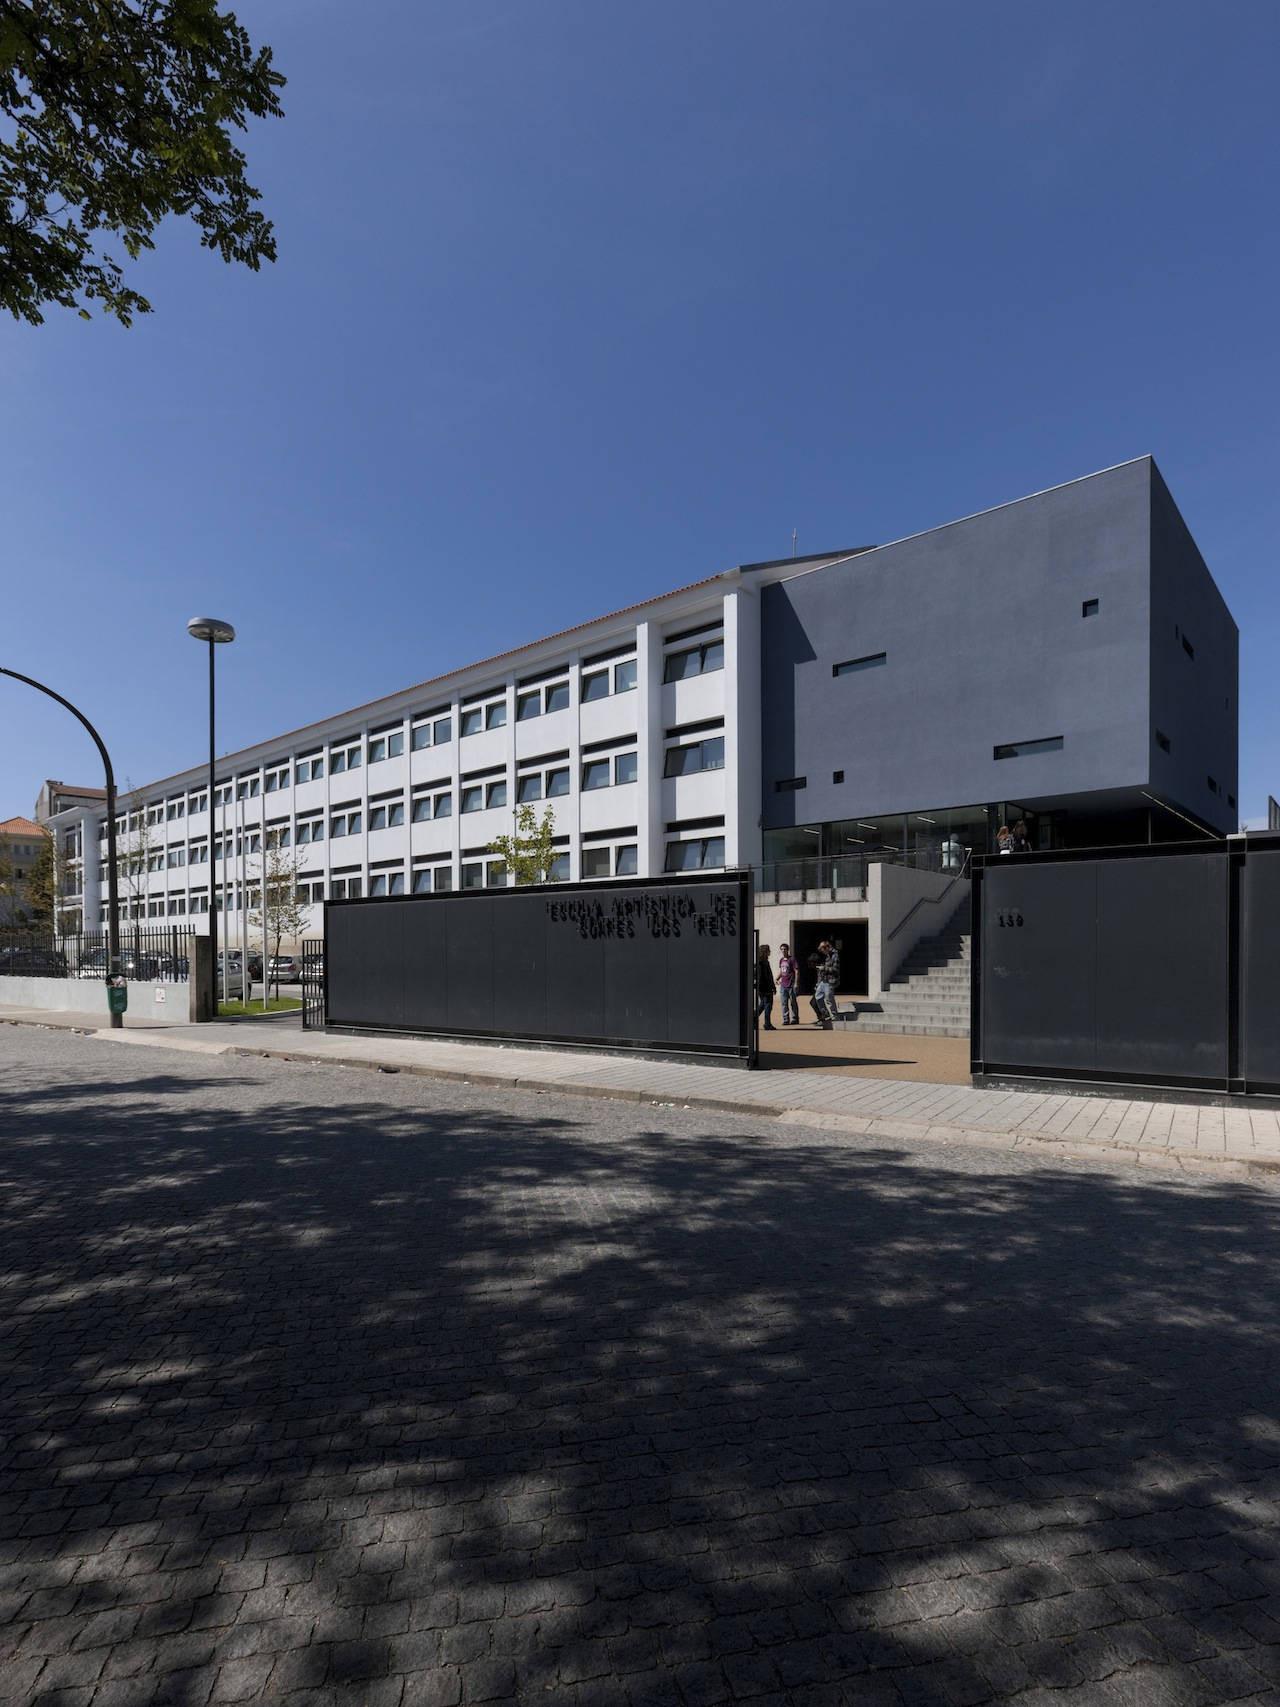 Soares dos Reis School of Arts / Carlos Prata + Nuno Barbosa, © Luís Ferreira Alves